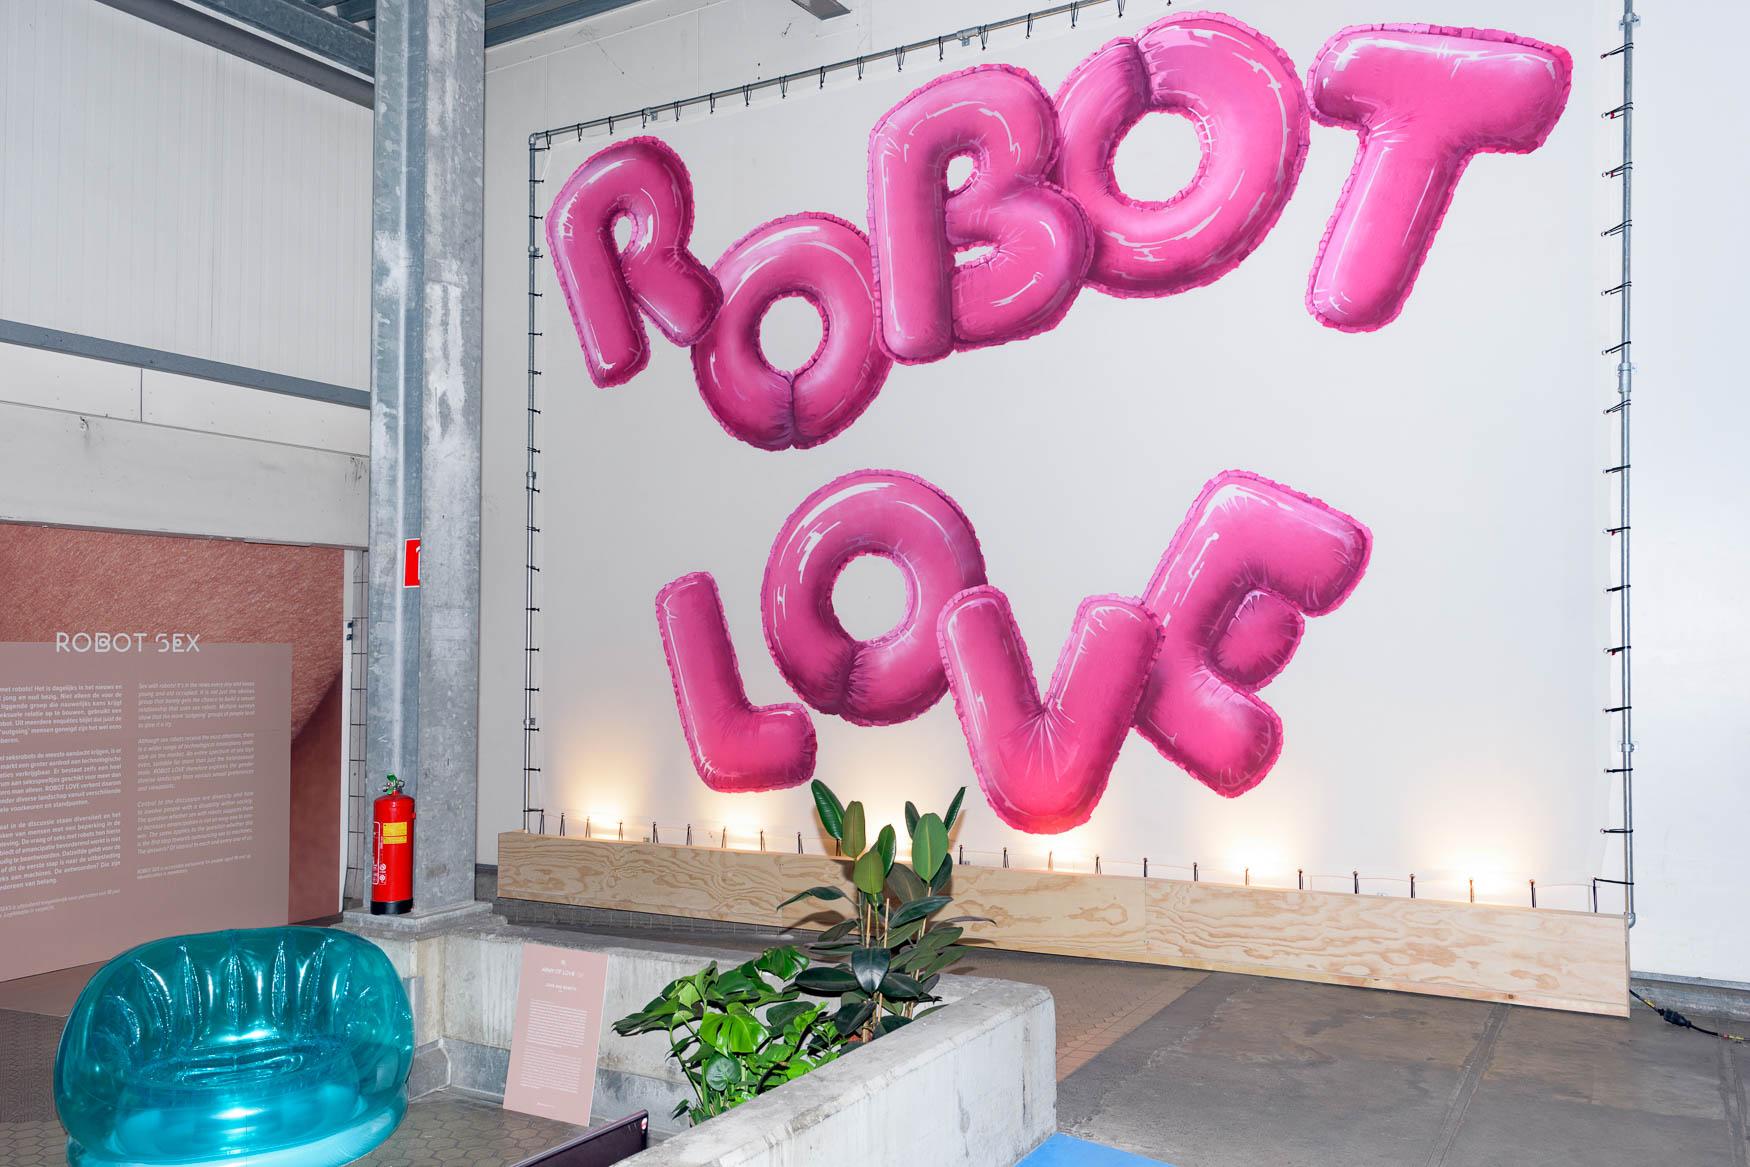 campina ehv Robotlove | sas schilten